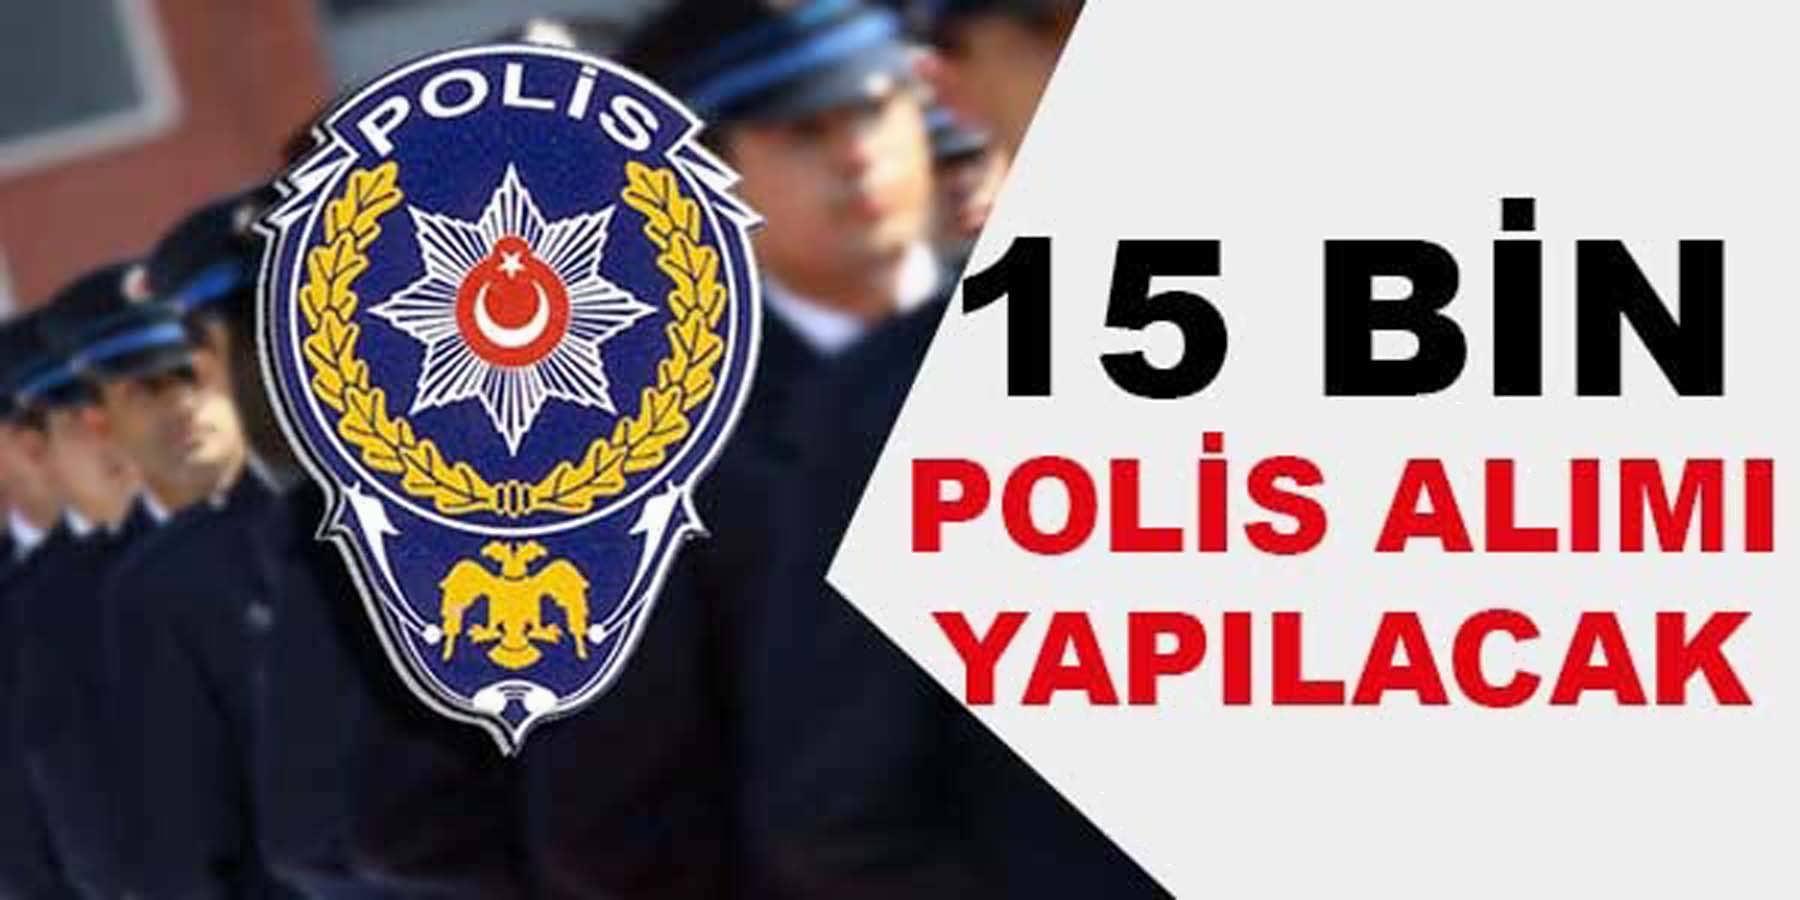 Emniyet Genel Müdürlüğü 15 Bin Polis Alacak